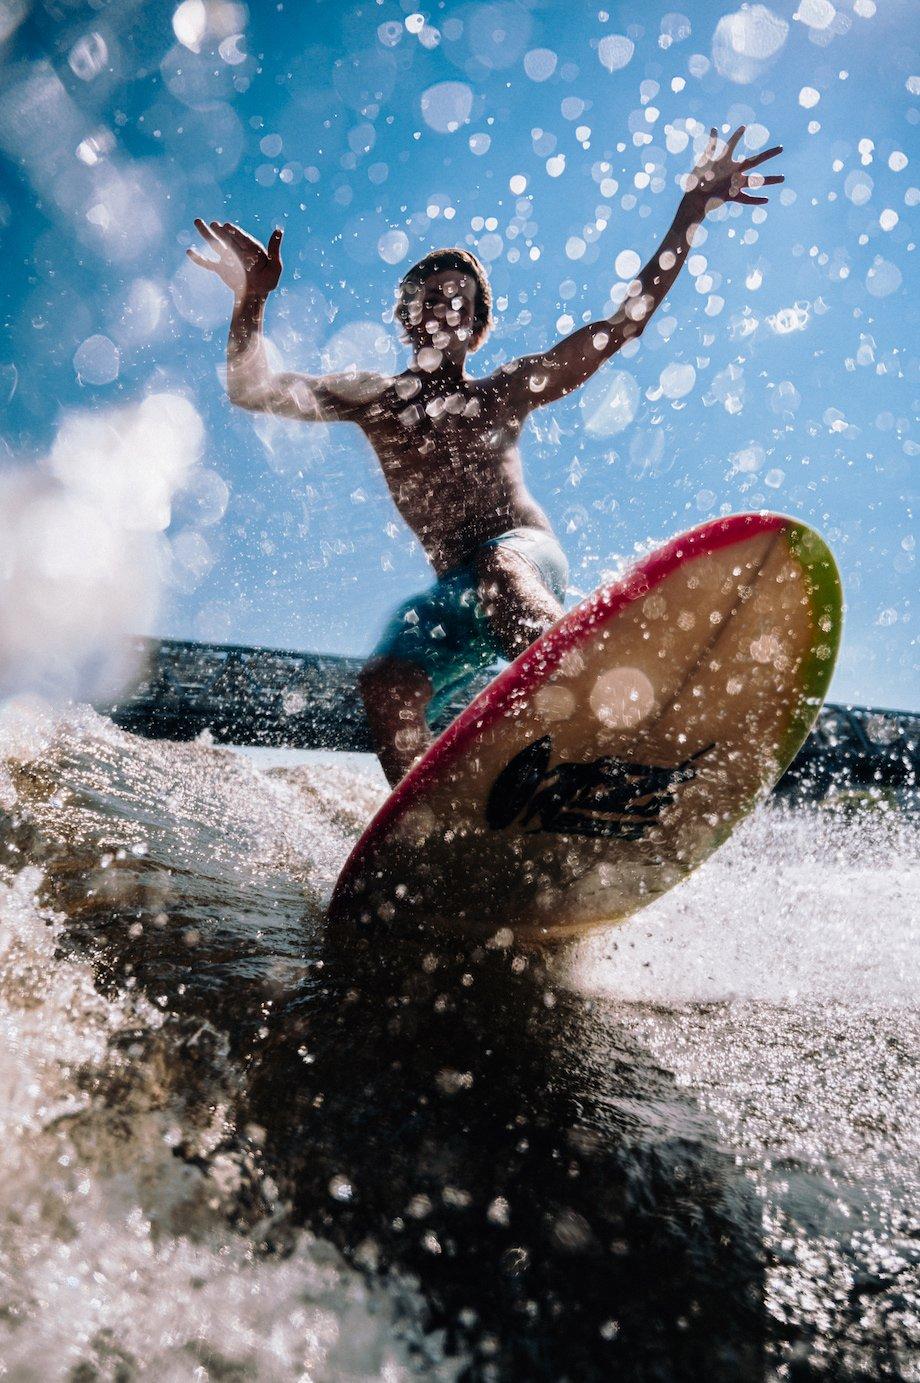 Что такое вейксёрфинг: как начать кататься, где кататься на вейксёрфе в Москве